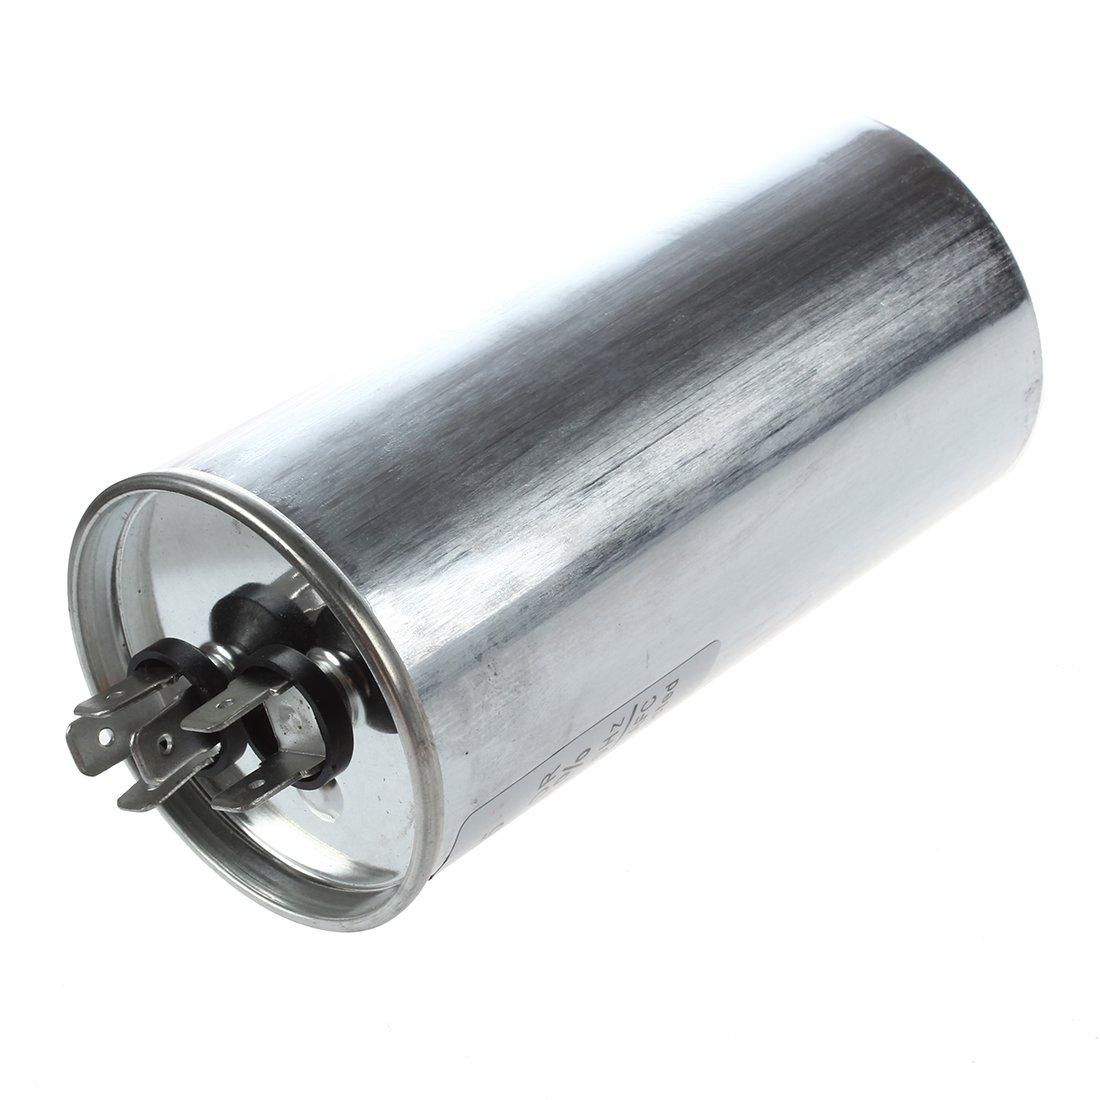 climatisation ausserpolar 40uF condensateur AC 450/V 50//60/Hz Moteur CBB65/A-1 SODIAL R